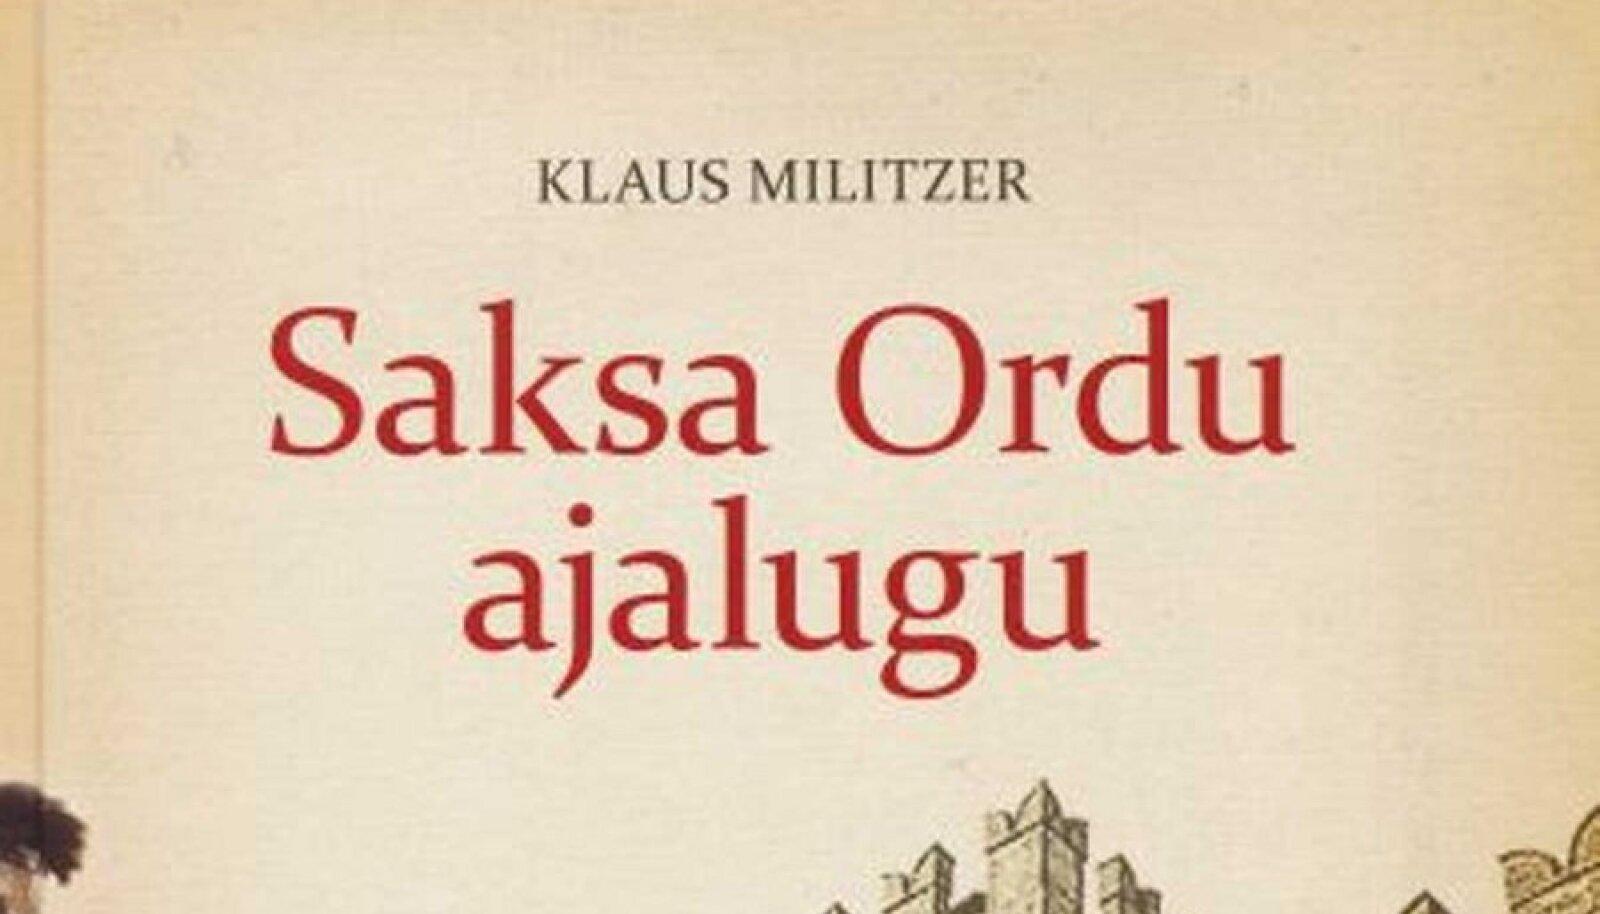 """Klaus Militzer """"Saksa Ordu ajalugu"""""""